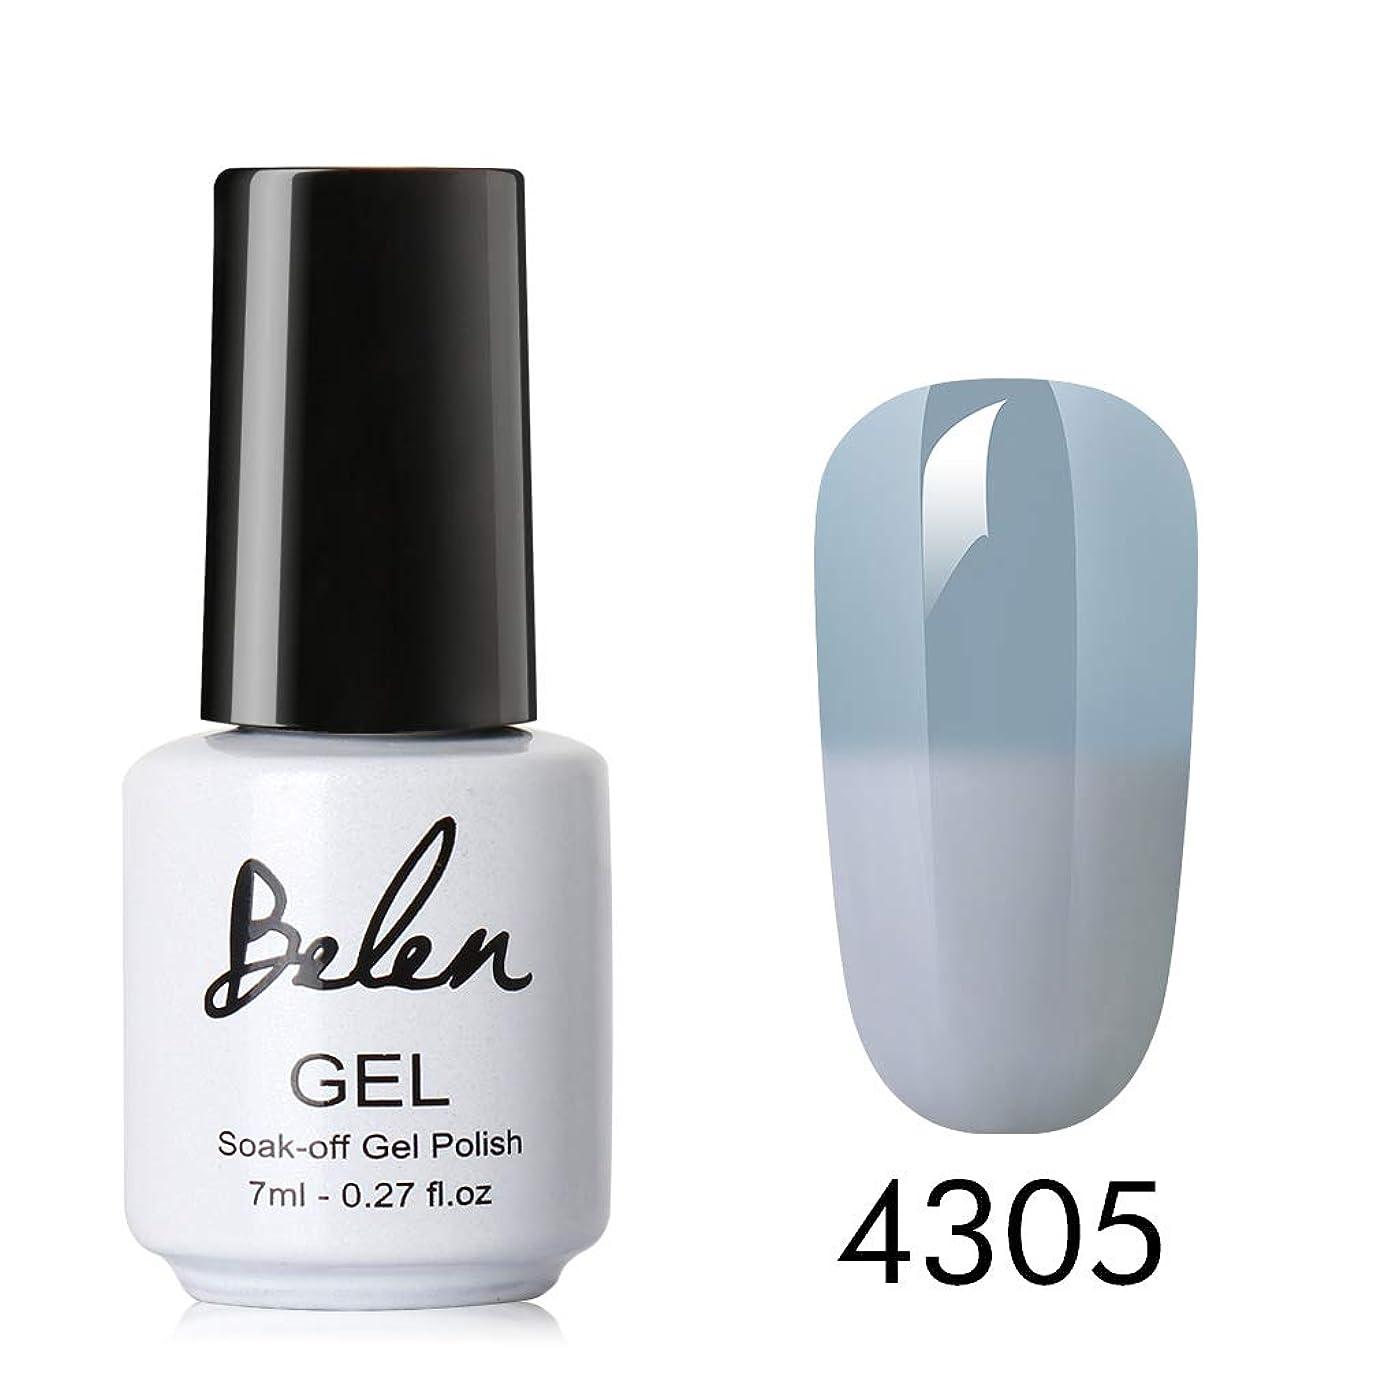 信じるデコレーション断線Belen ジェルネイル カラージェル グレー カメレオンカラージェル 温度により色が変化 1色入り 8ml 【全9色選択可】